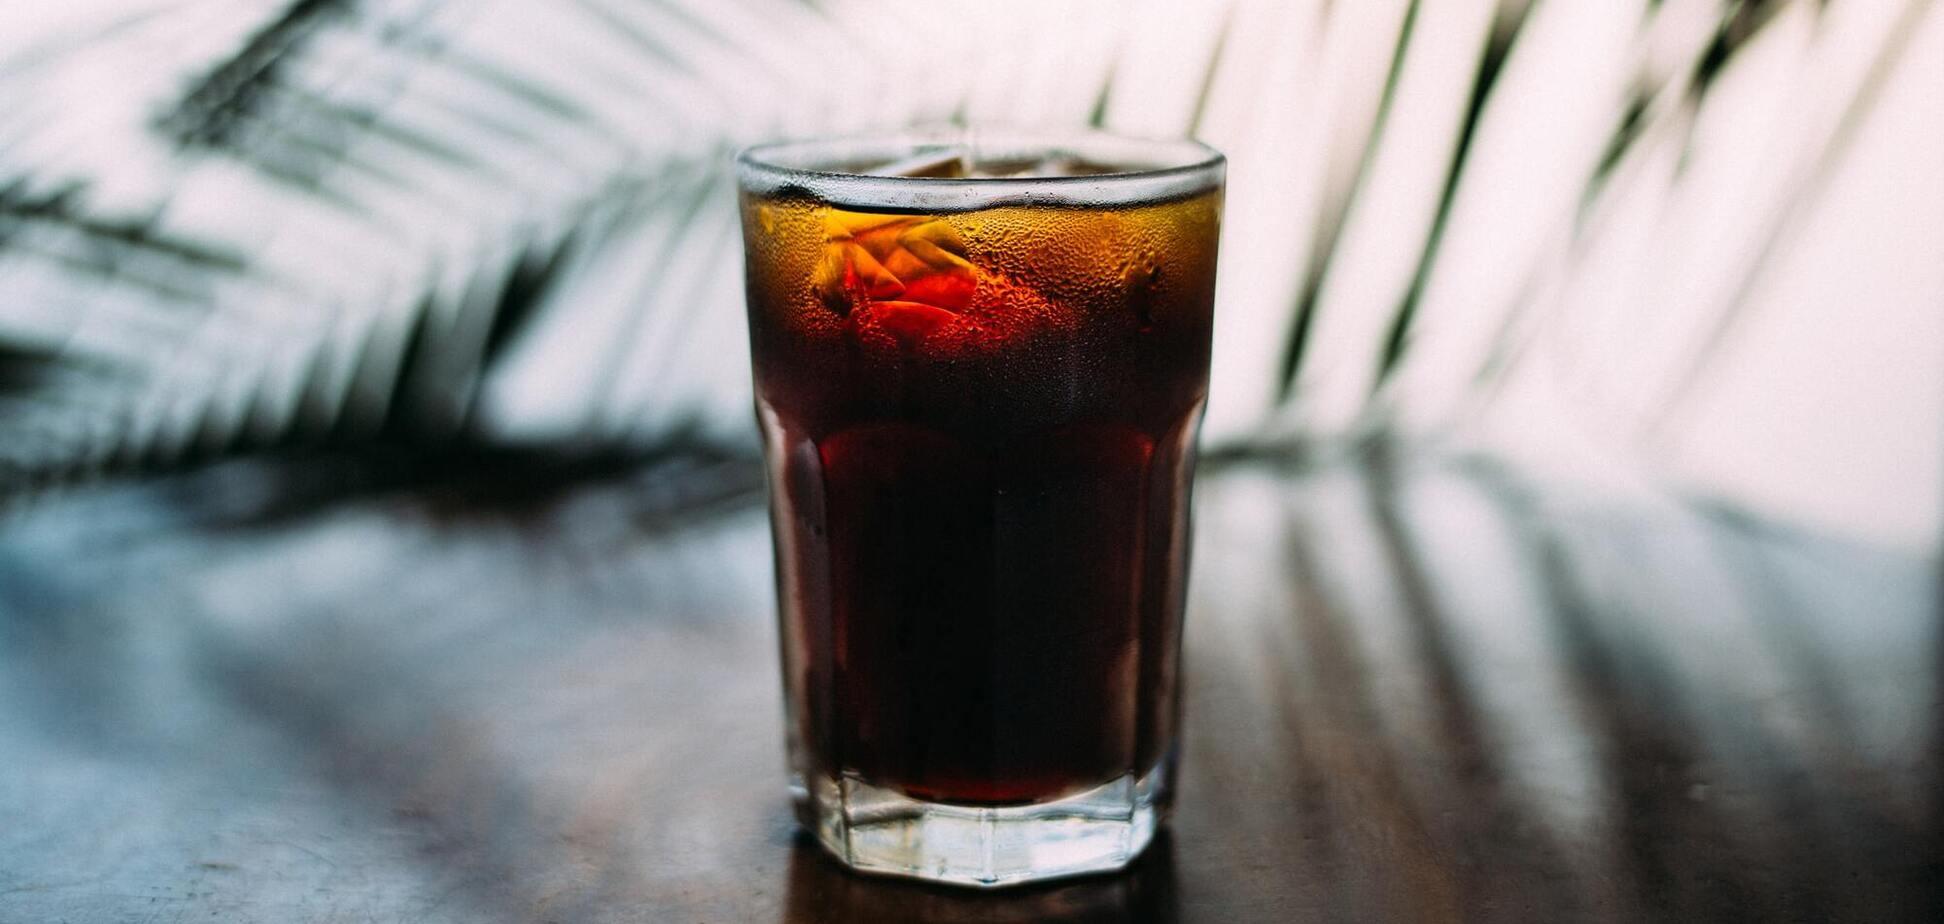 Сладкие напитки через грудное молокомогут негативно сказаться на когнитивном развитии ребенка